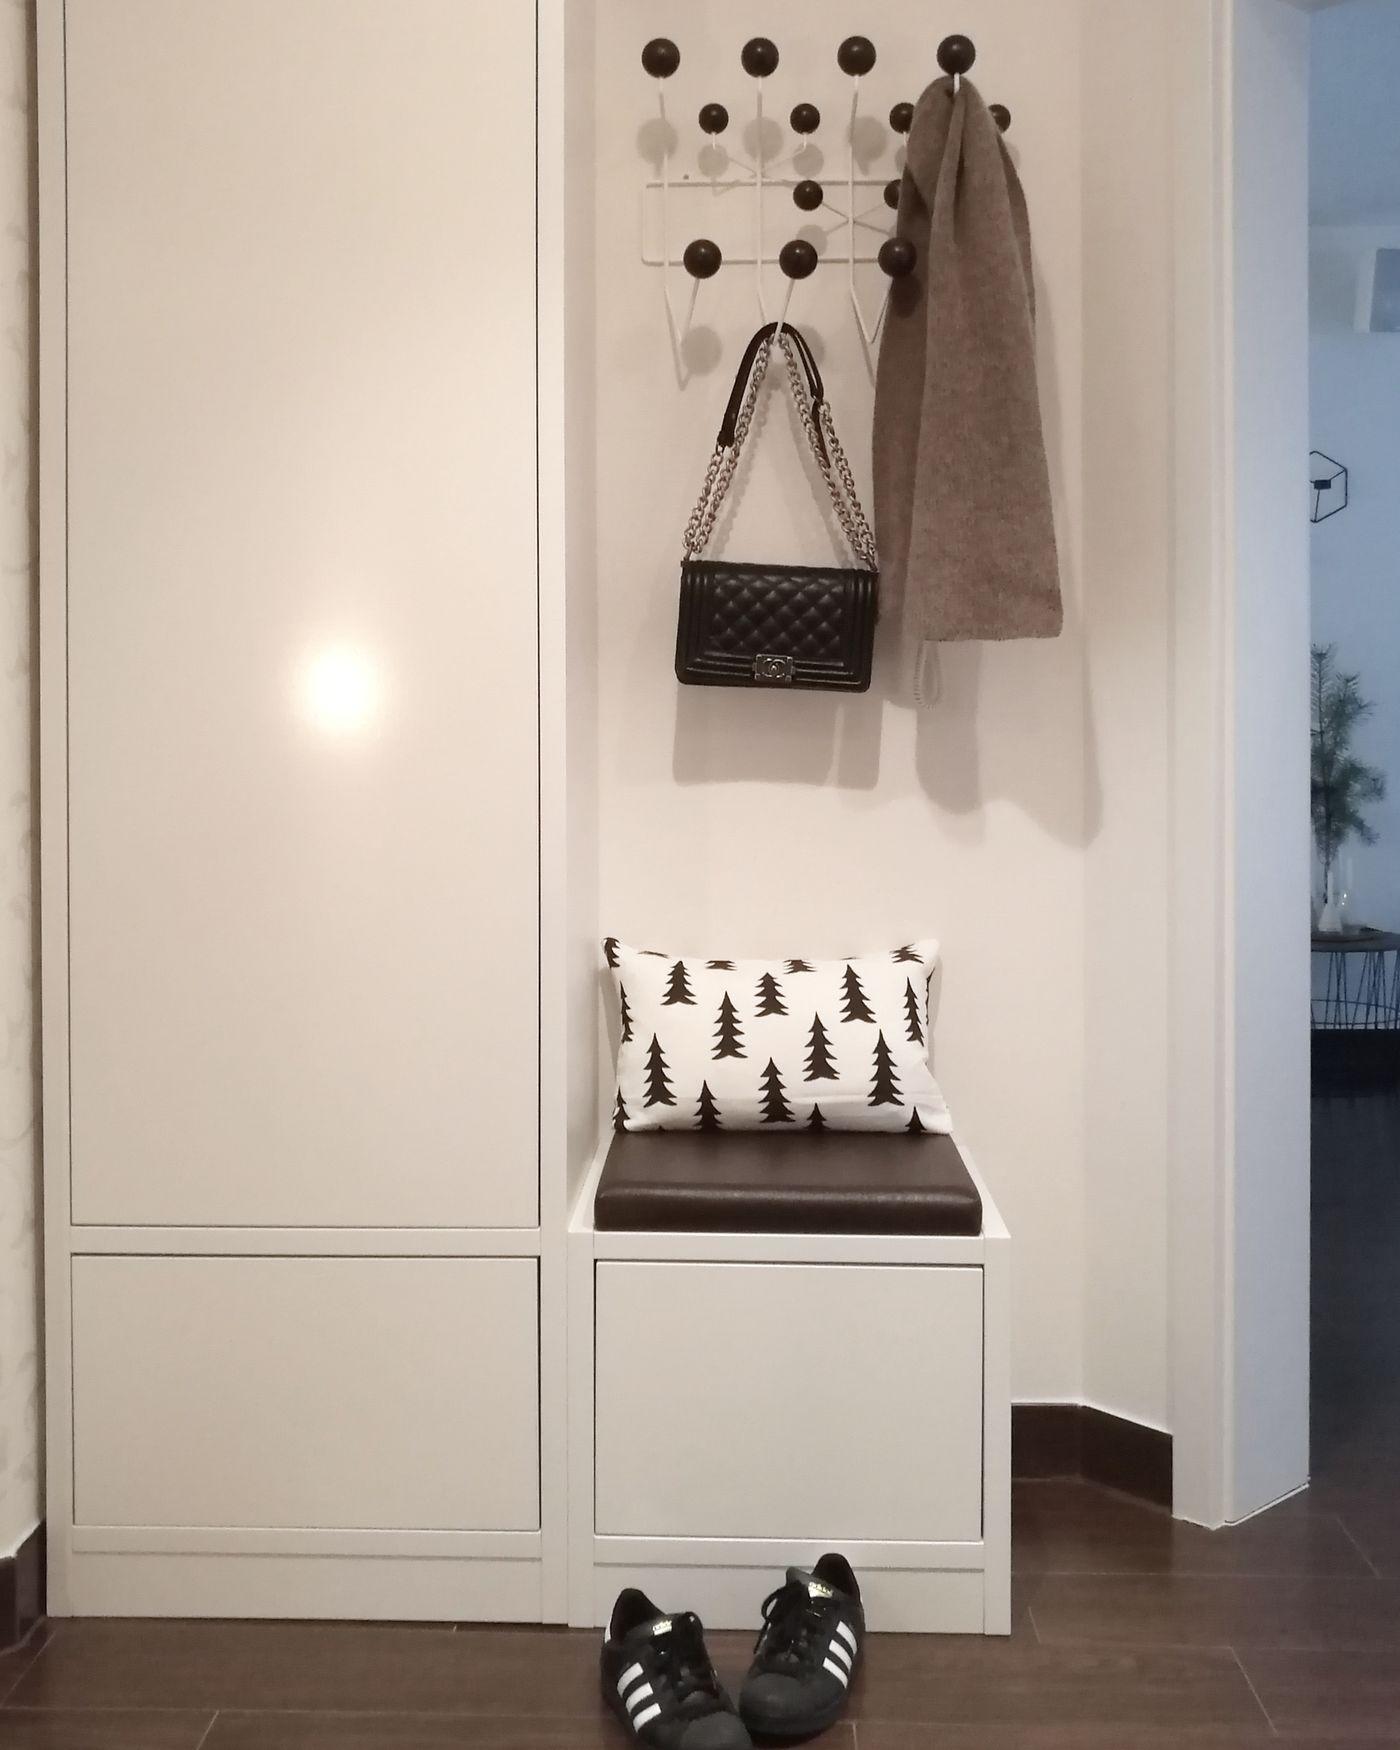 garderoben selber bauen die besten ideen und diy tipps seite 3. Black Bedroom Furniture Sets. Home Design Ideas